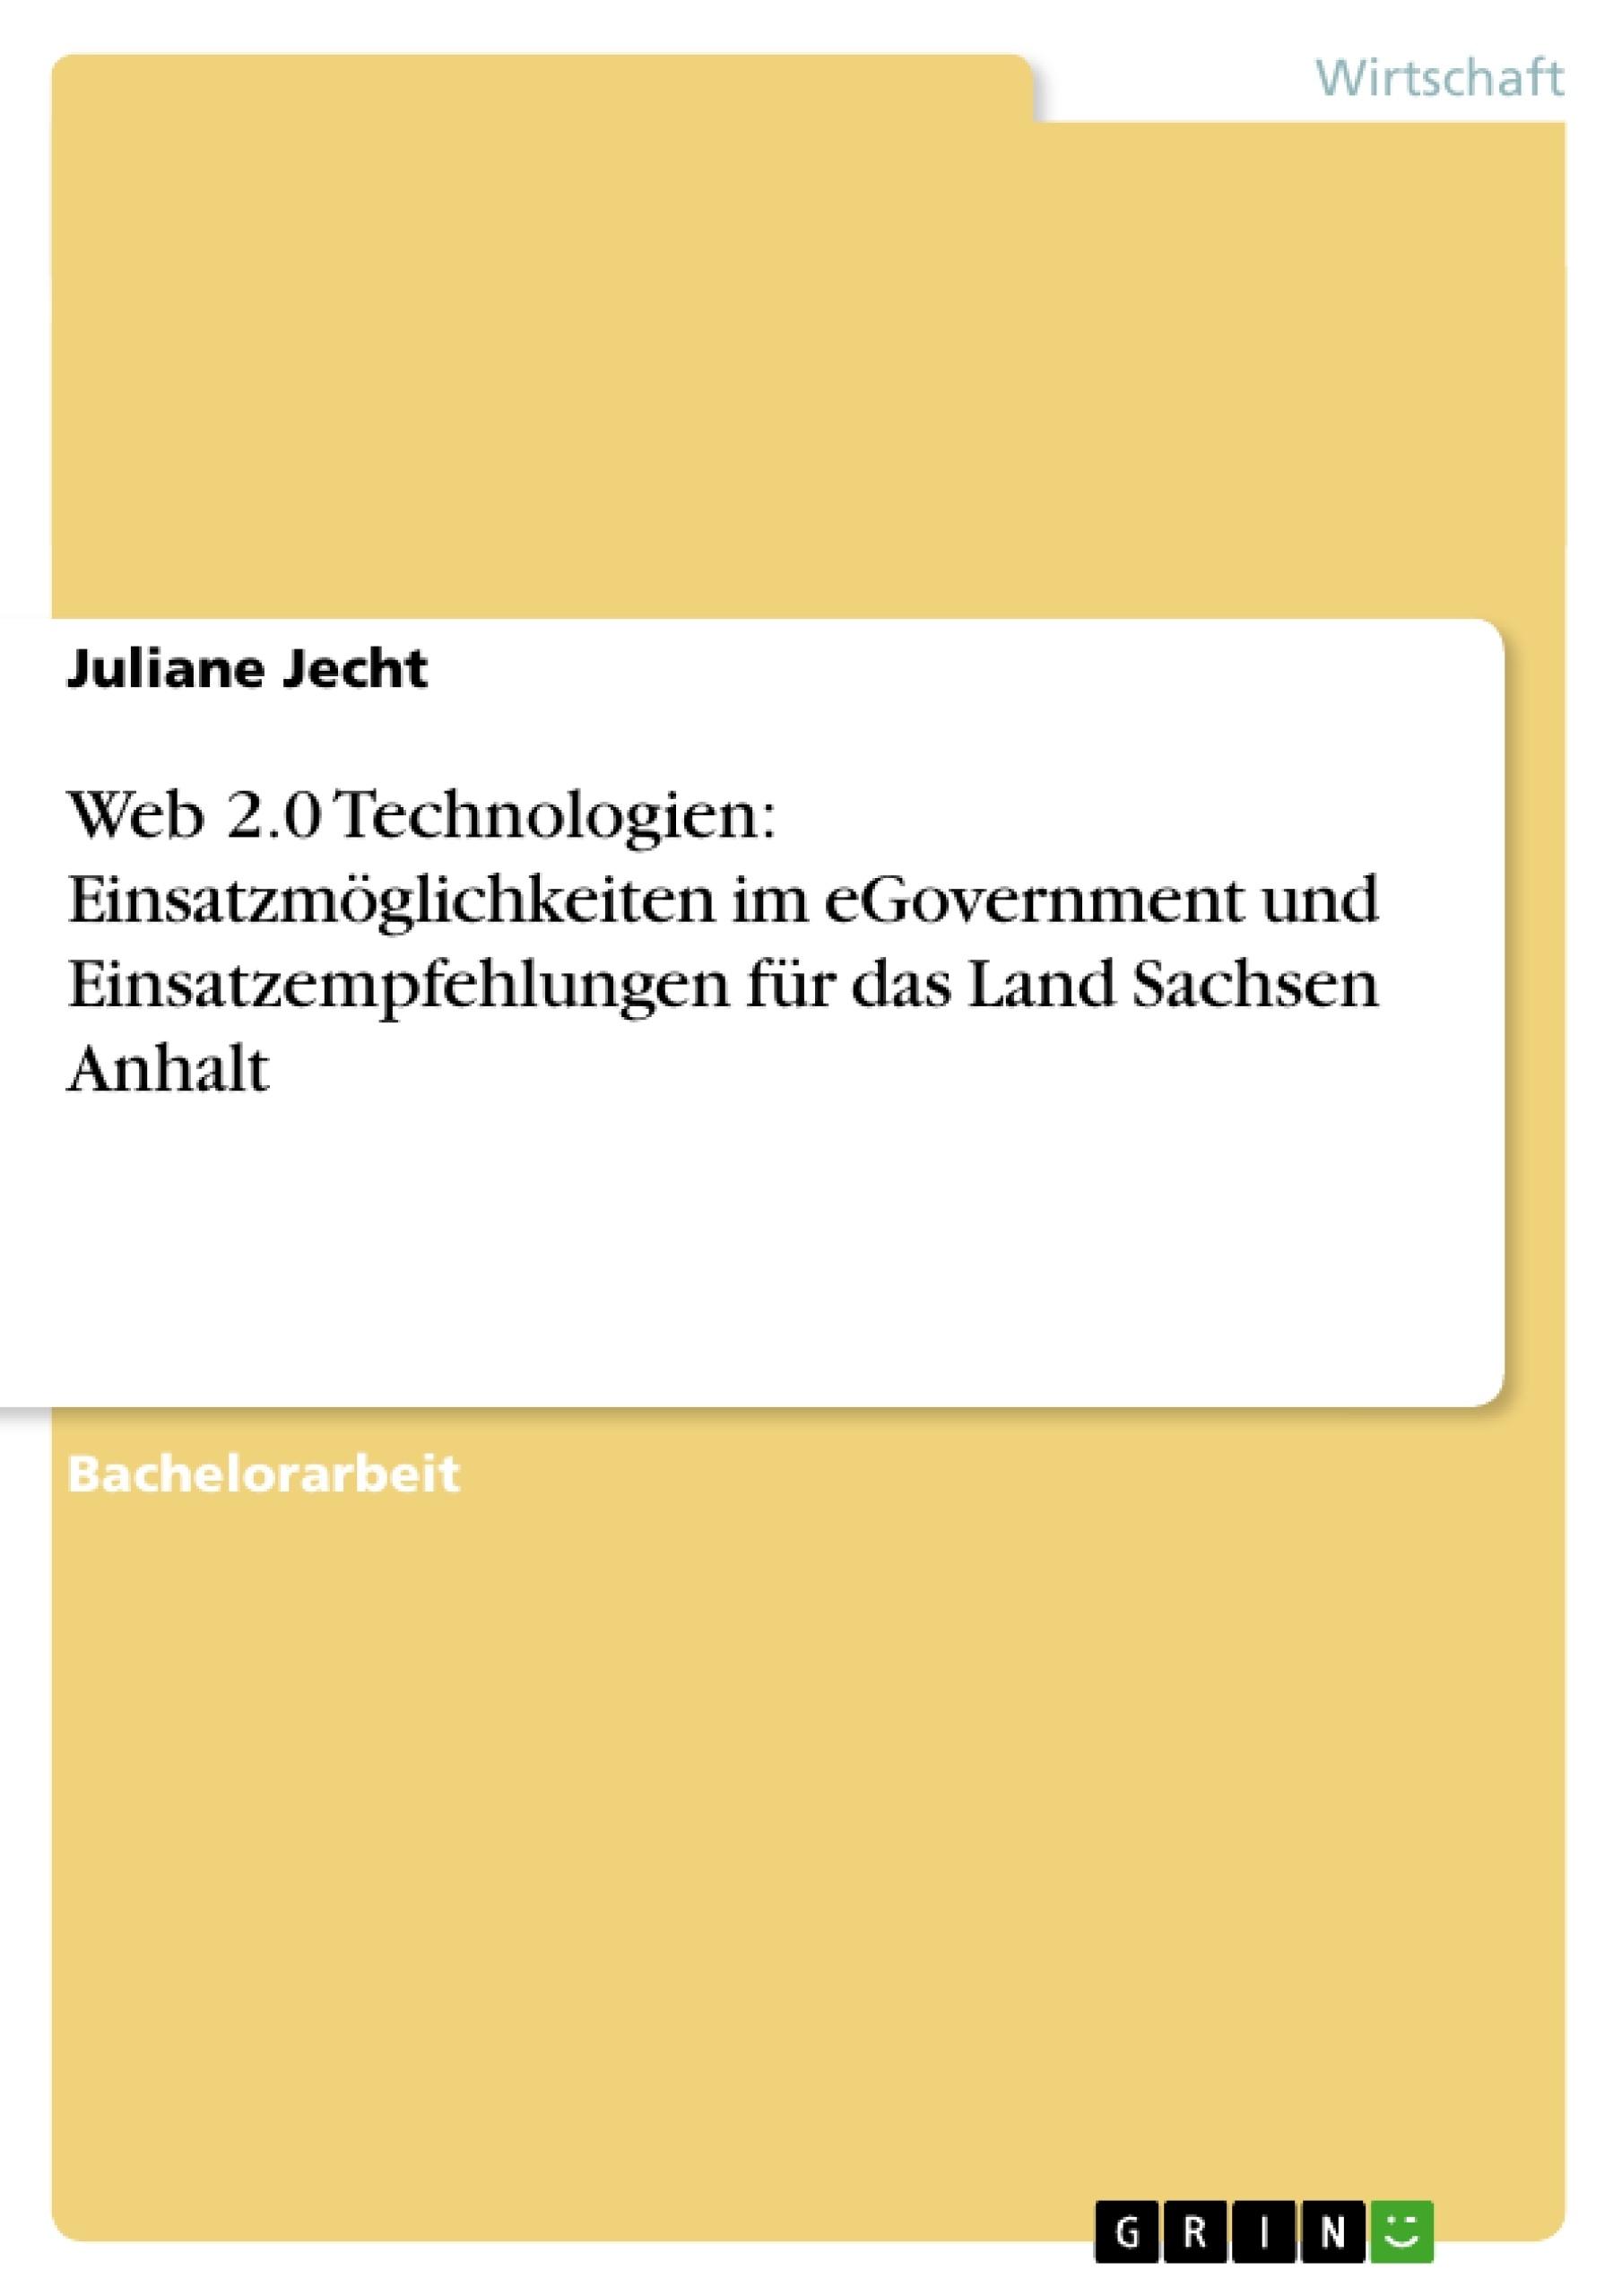 Titel: Web 2.0 Technologien: Einsatzmöglichkeiten im eGovernment und Einsatzempfehlungen für das Land Sachsen Anhalt